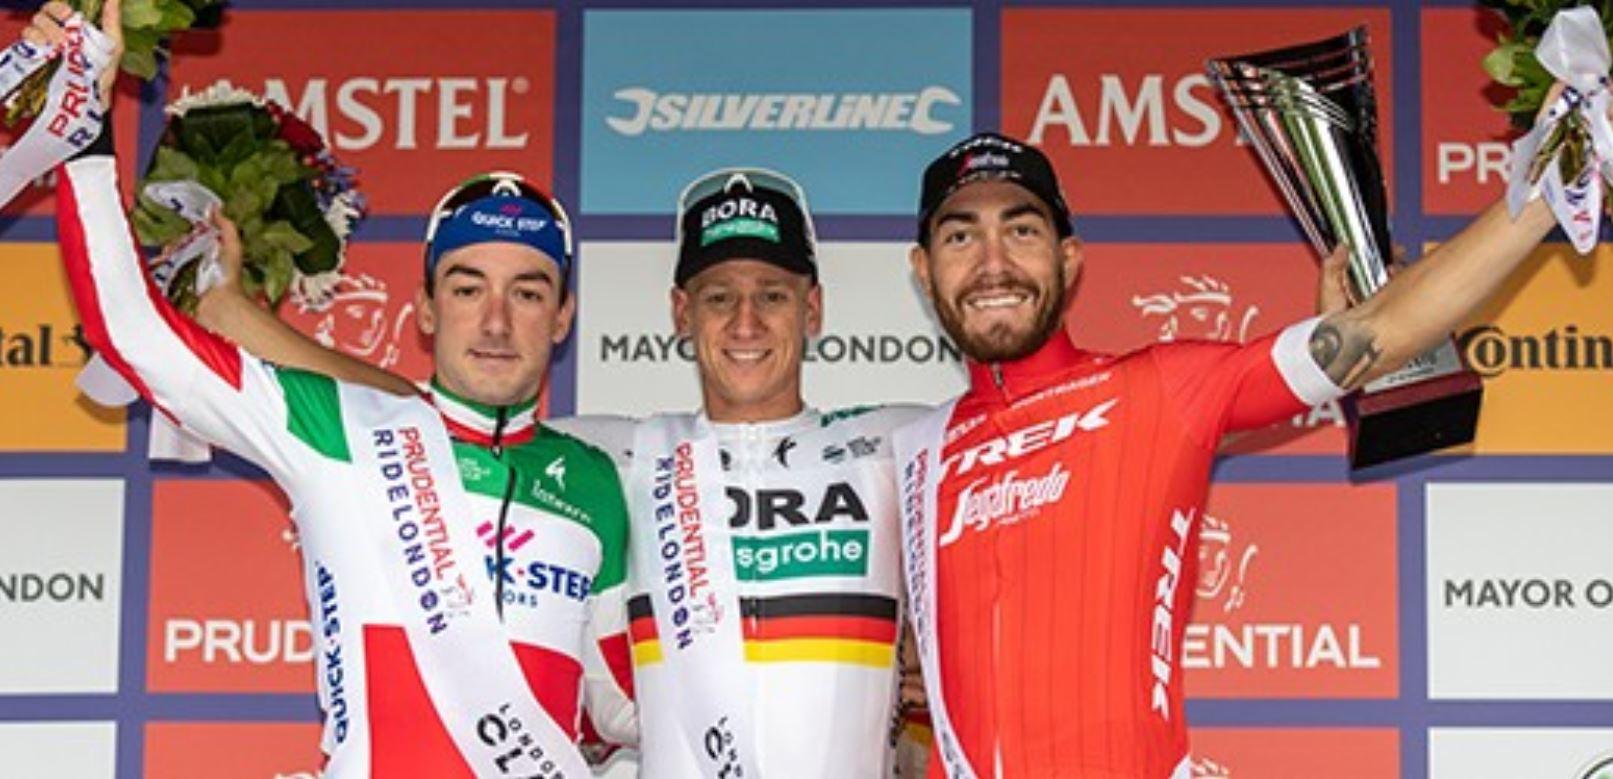 Pascal Ackermann vince la Prudential RideLondon Classique, sul podio con Viviani e Nizzolo